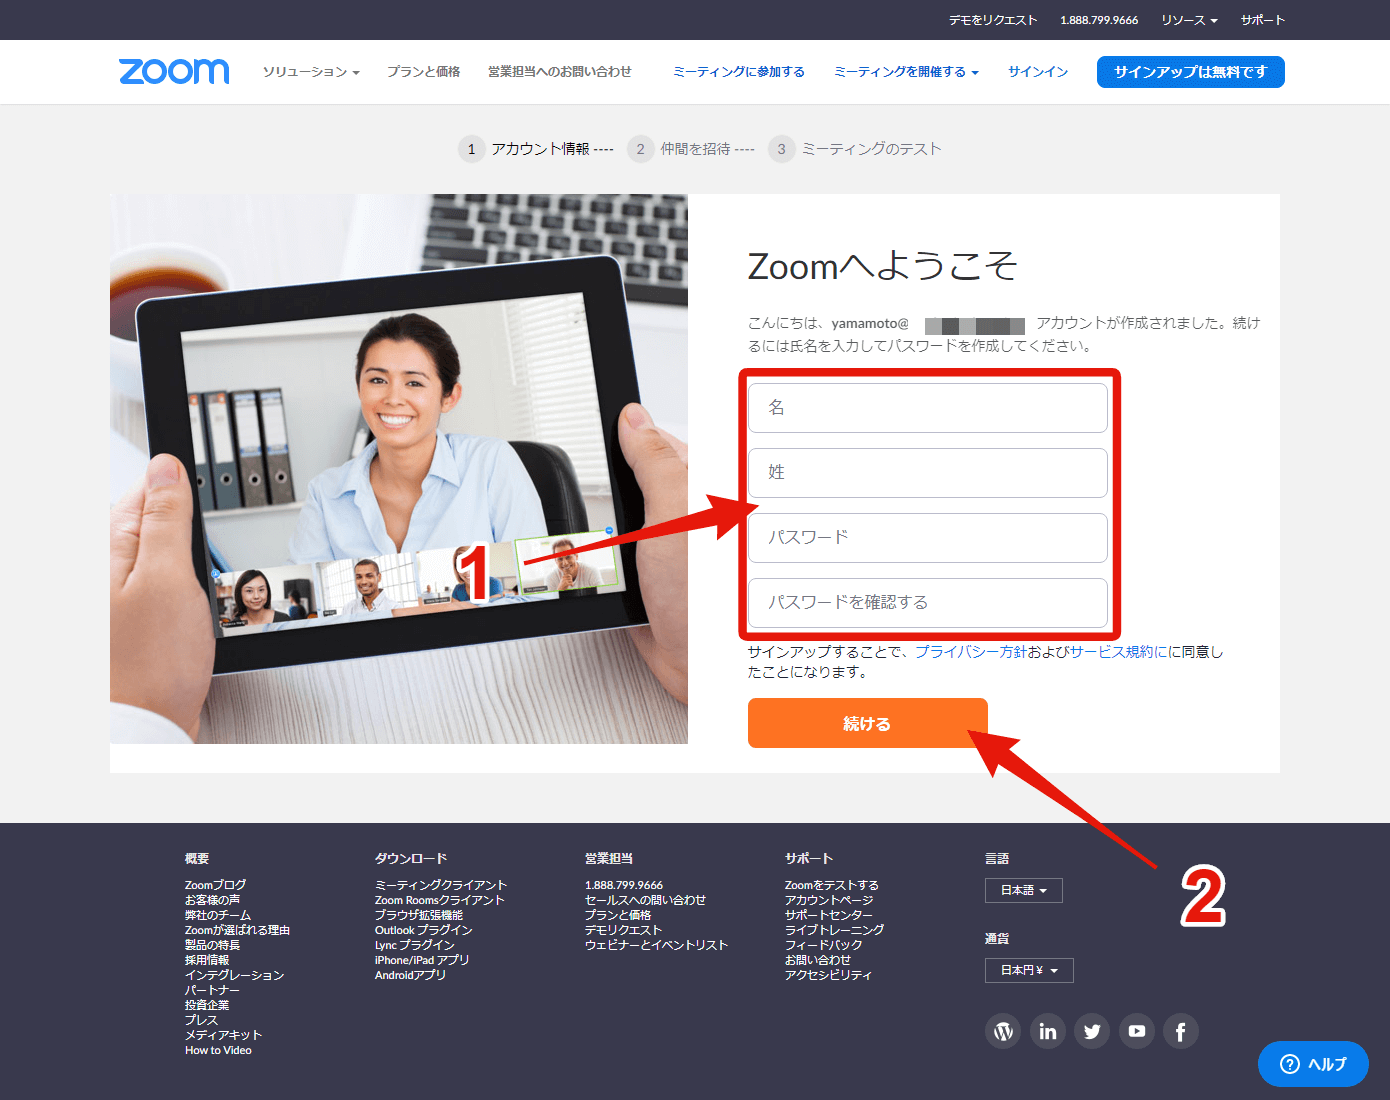 サイン アップ は Zoom と